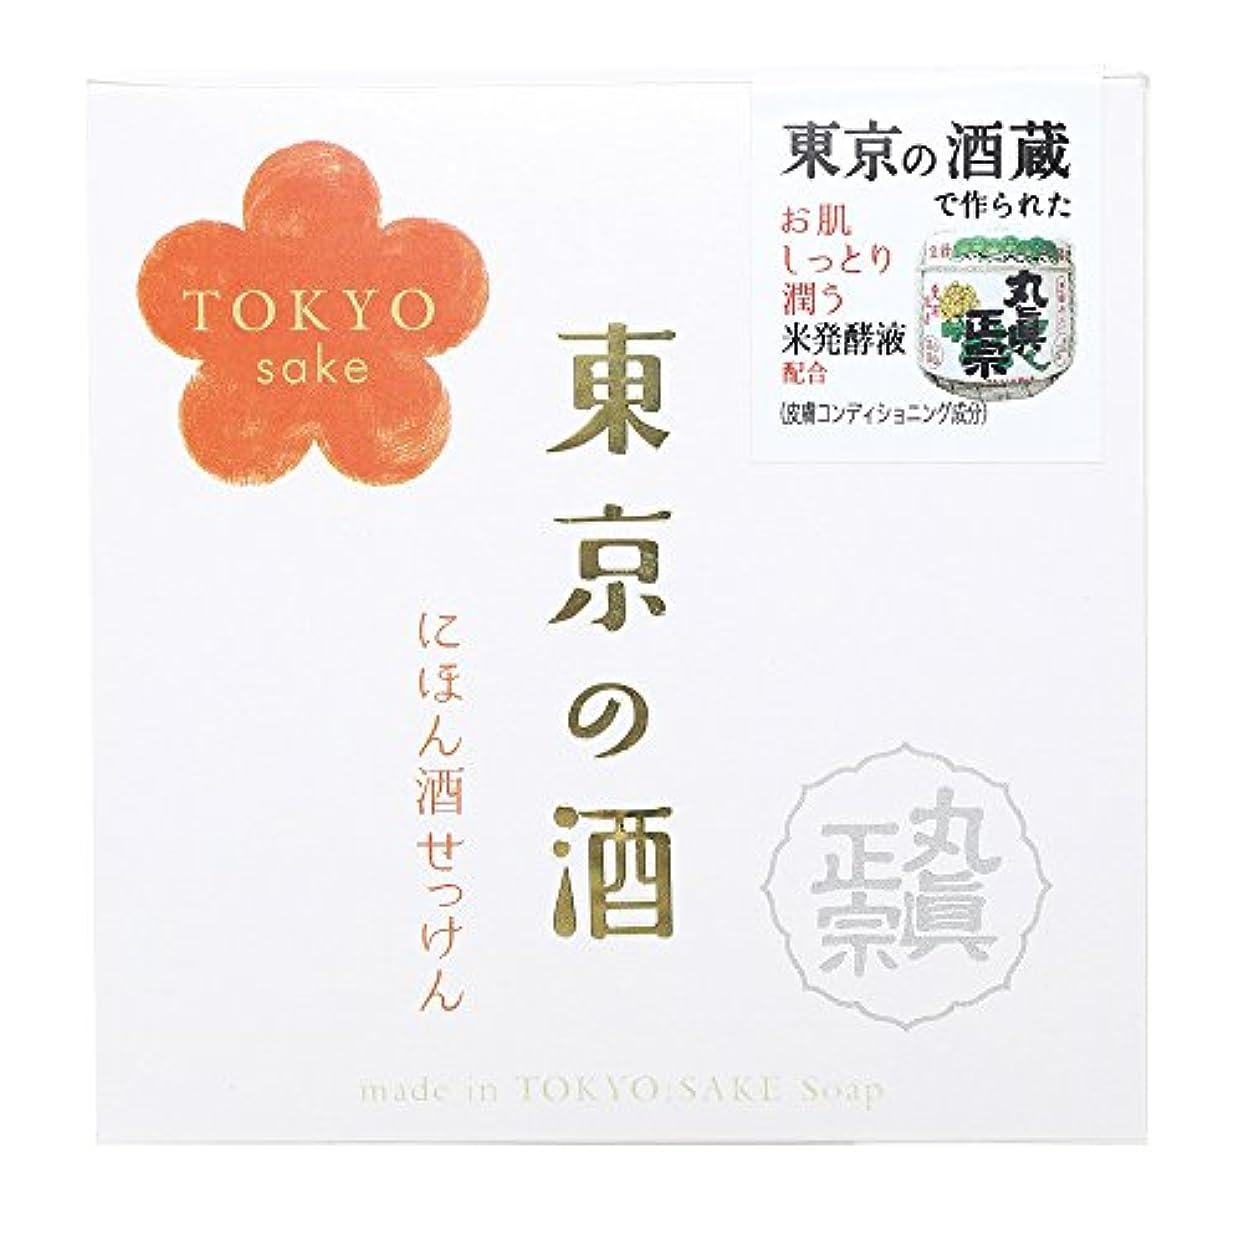 ヘクタール訴える貪欲ノルコーポレーション 東京の酒 石けん OB-TKY-1-1 100g